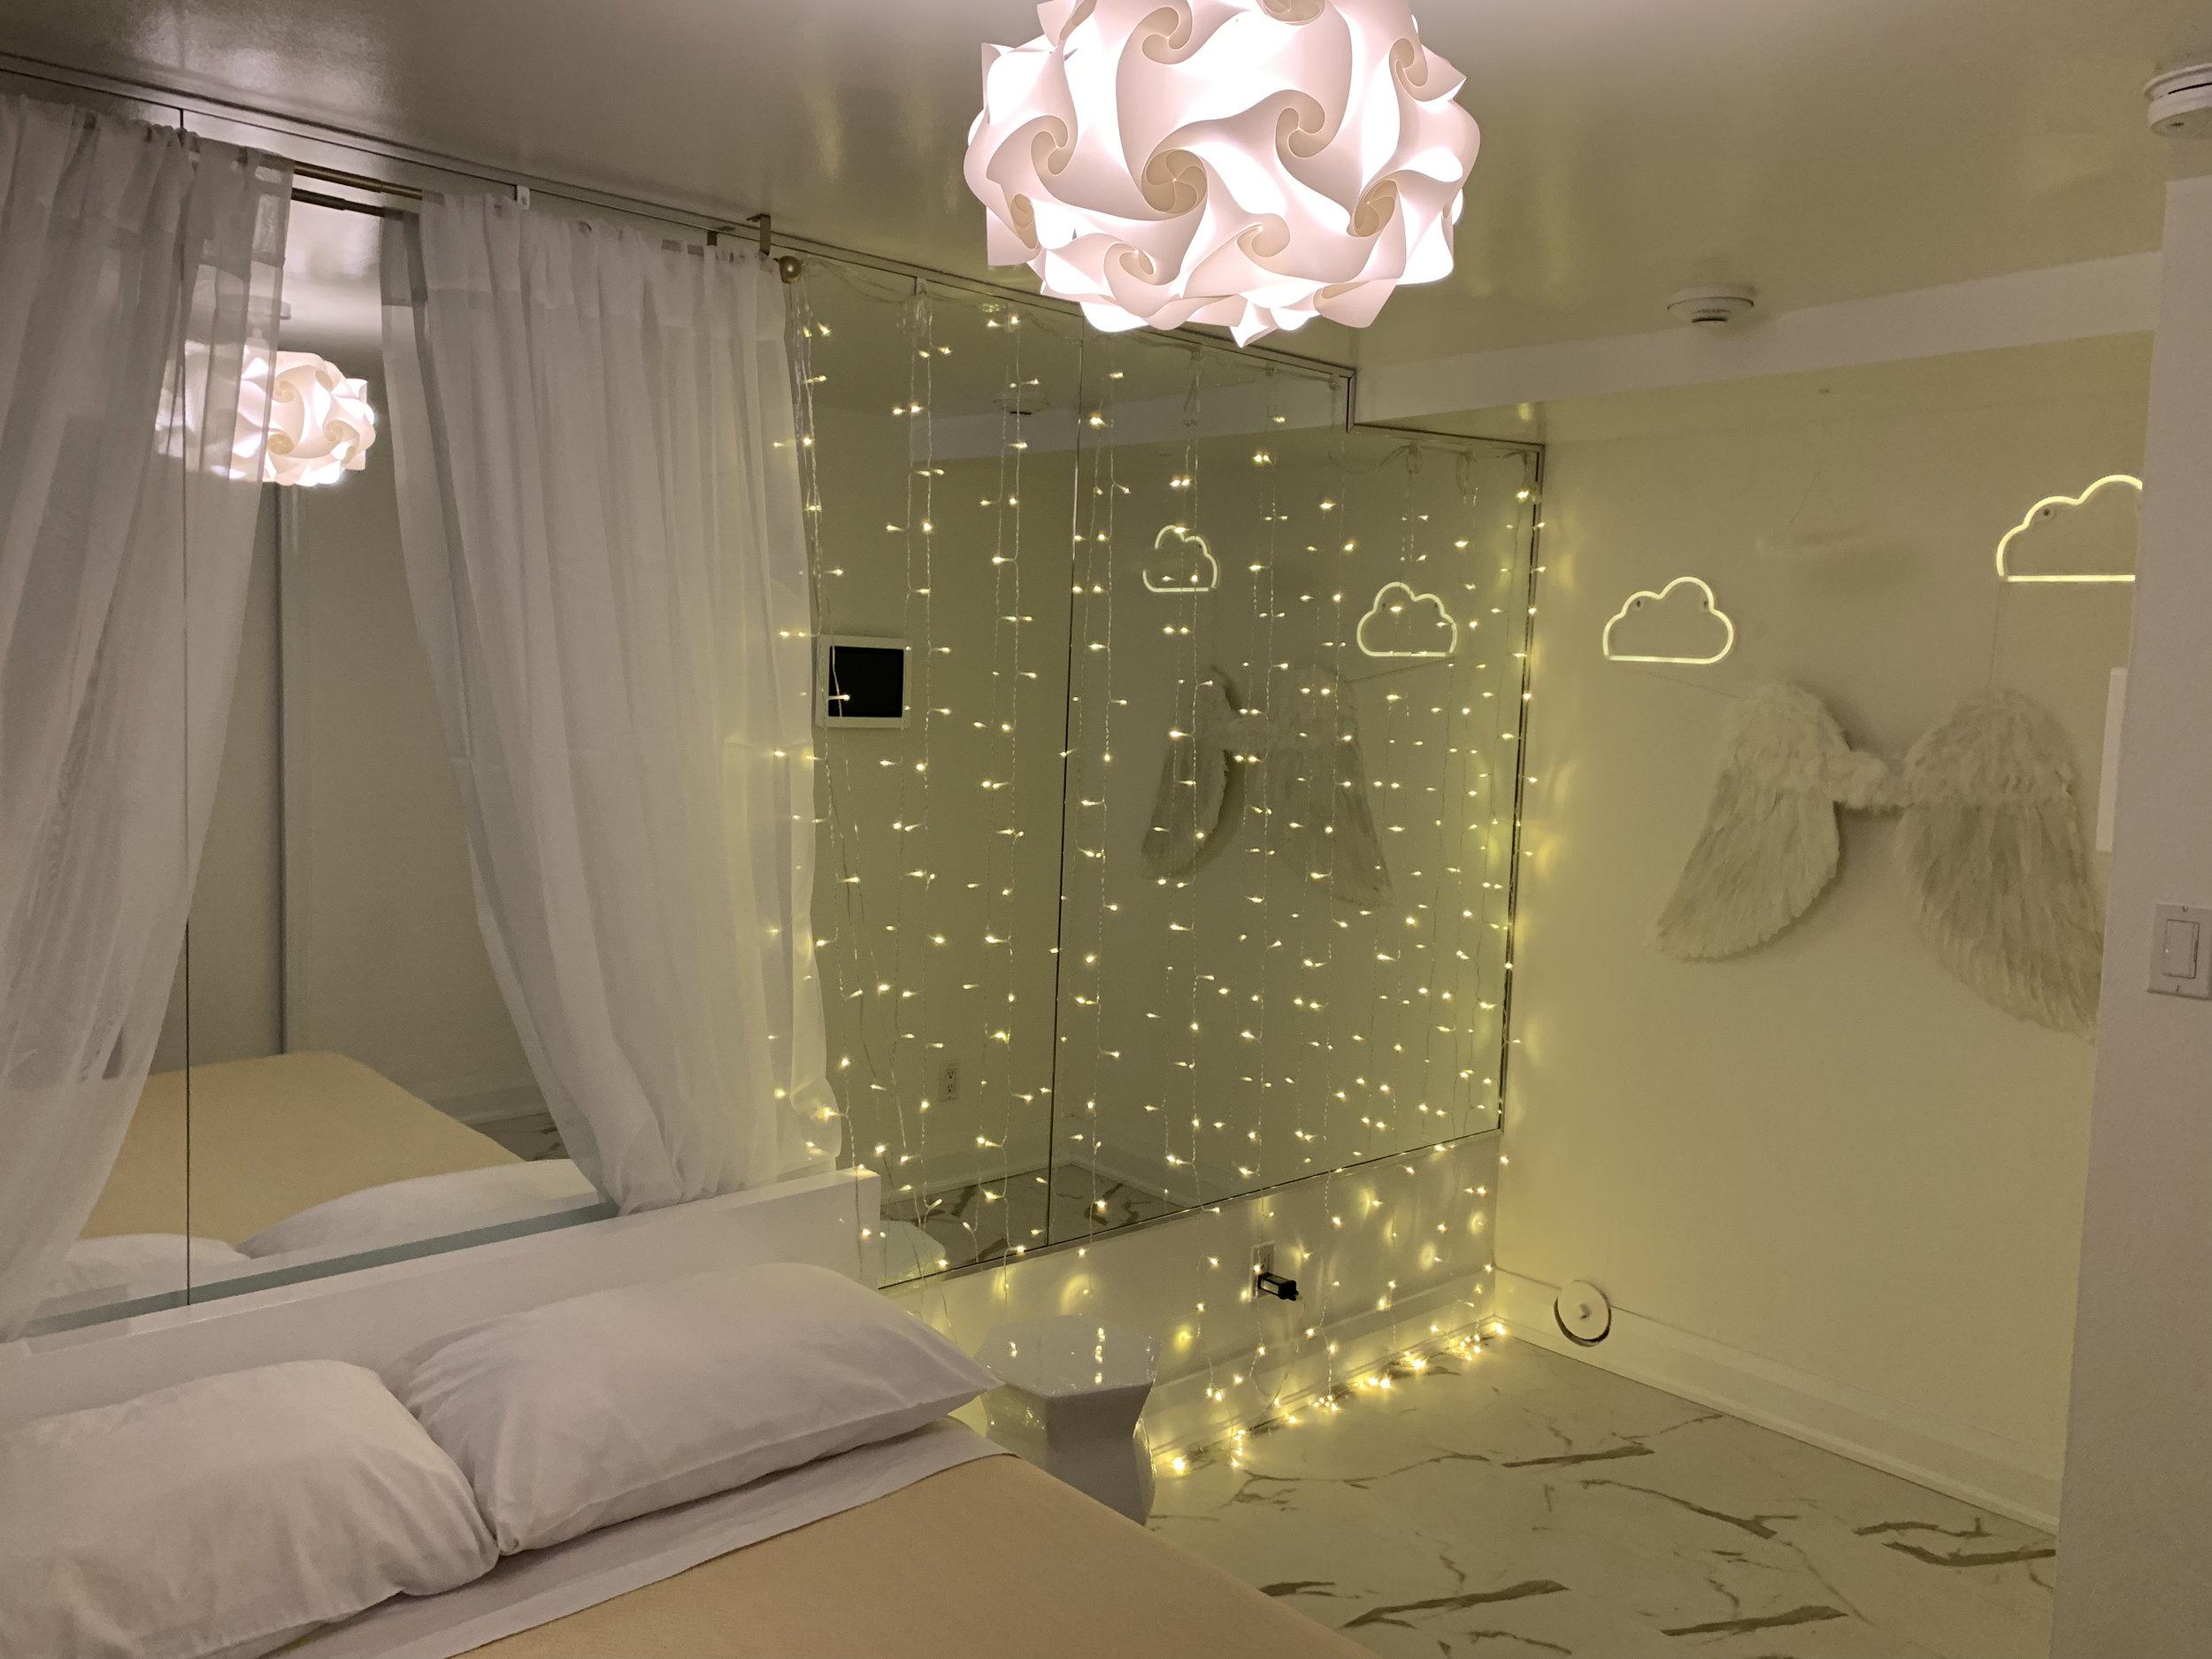 ホワイトルーム - ホワイトルームは楽園への扉を開きます